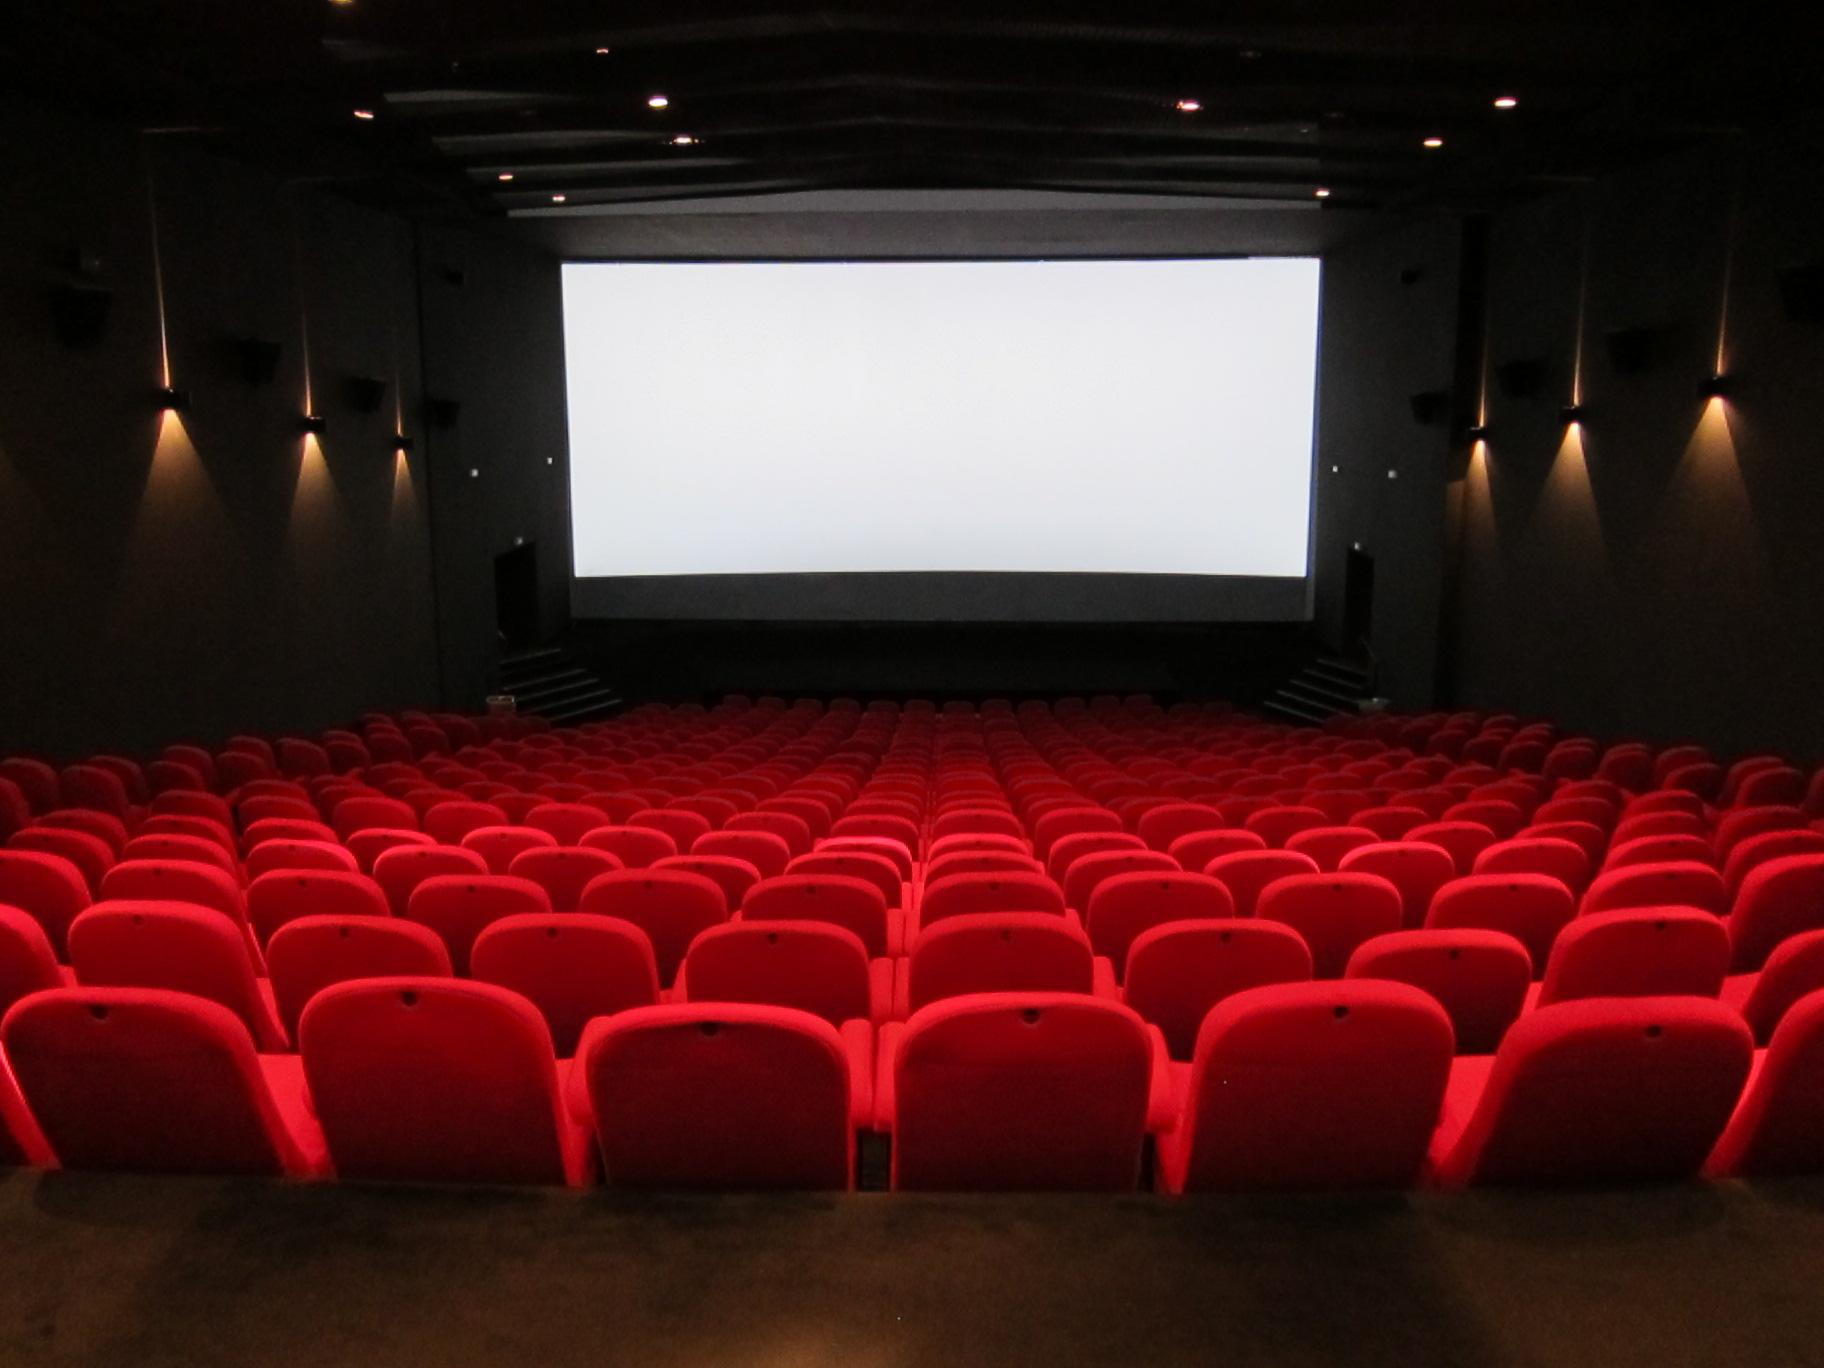 Salle de Cinéma - Go with the Blog